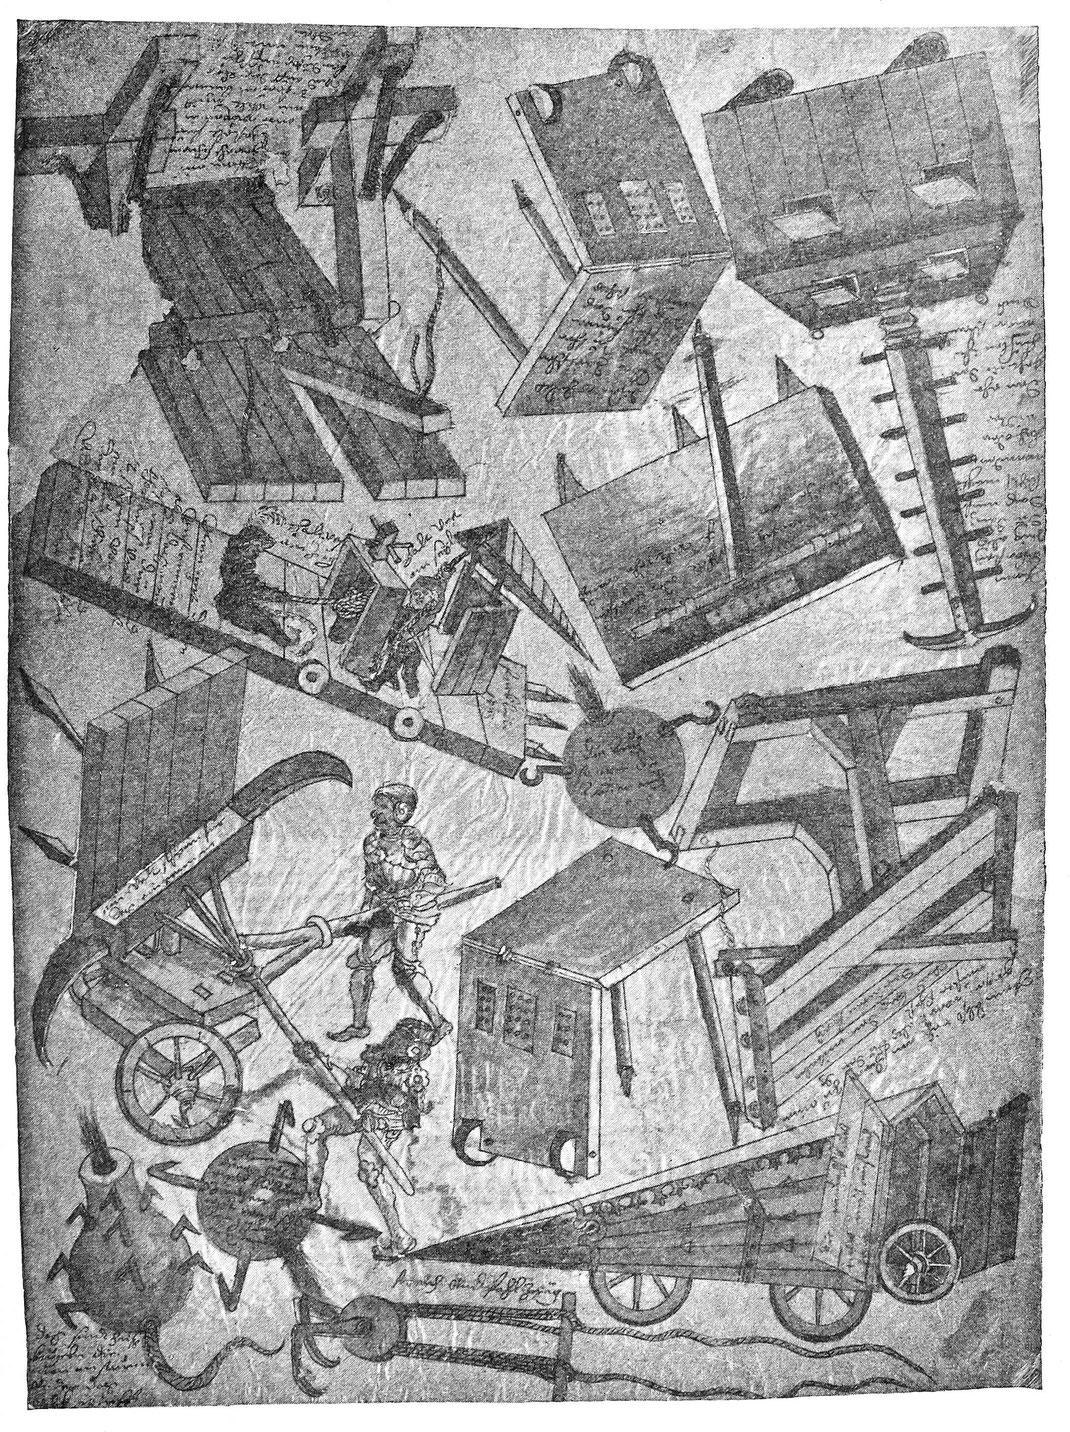 Belagerungsmaschinen und Schutzschirme im 15. Jhd. Handzeichnung im Germanischen Museum zu Nürnberg.